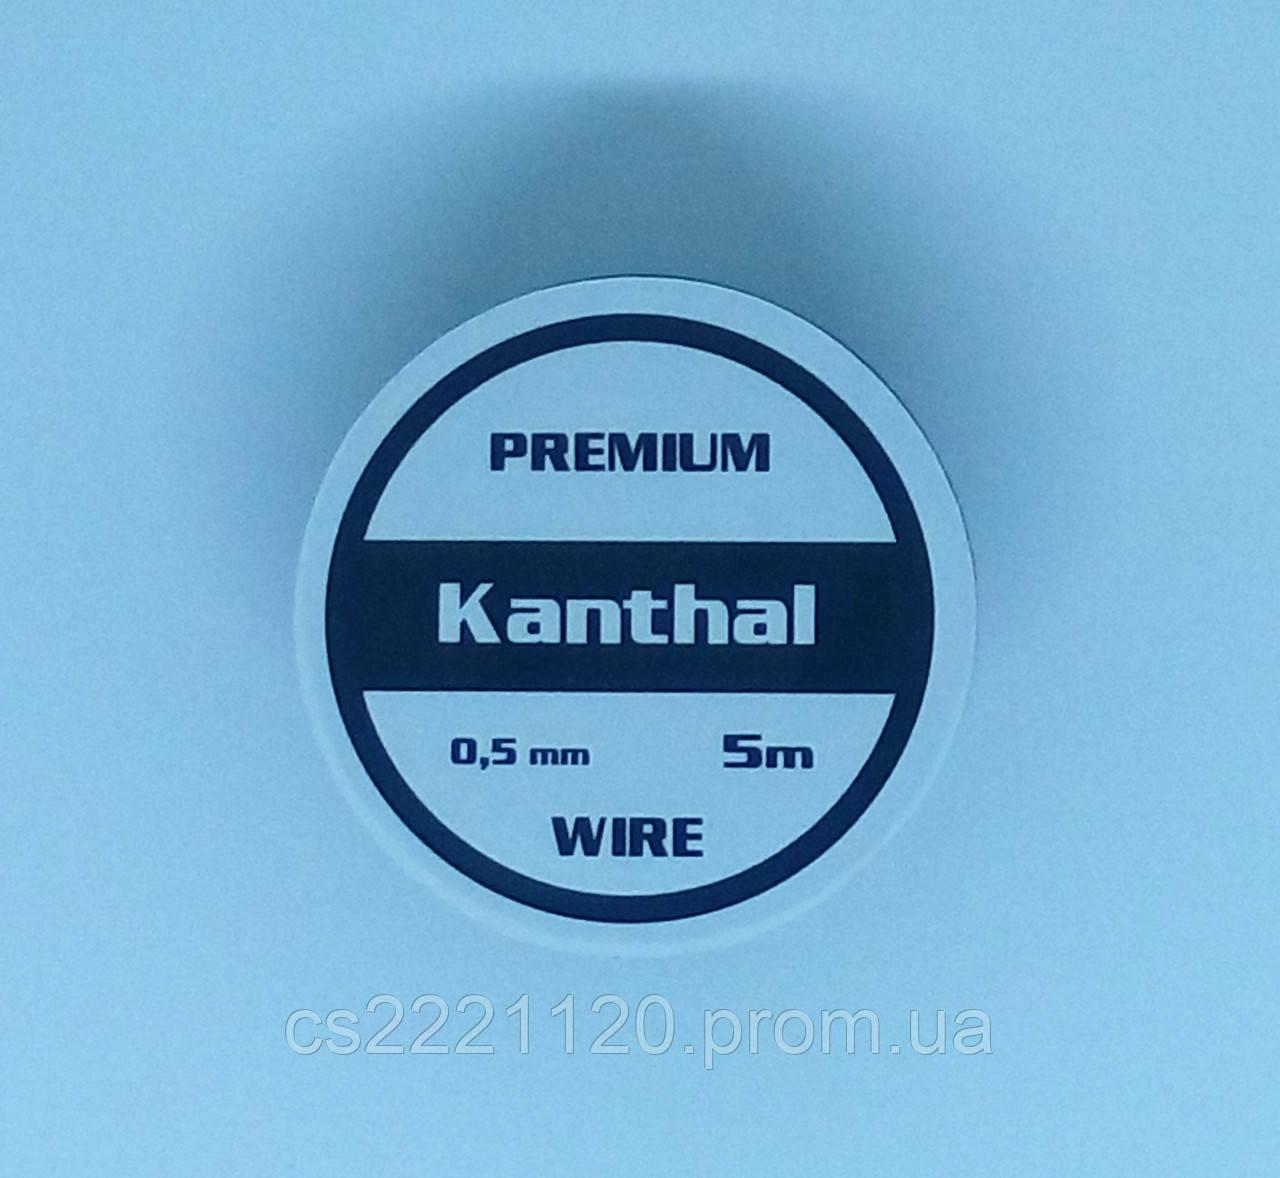 Premium Kanthal Ø 0,5 мм (катушка 5 метров)